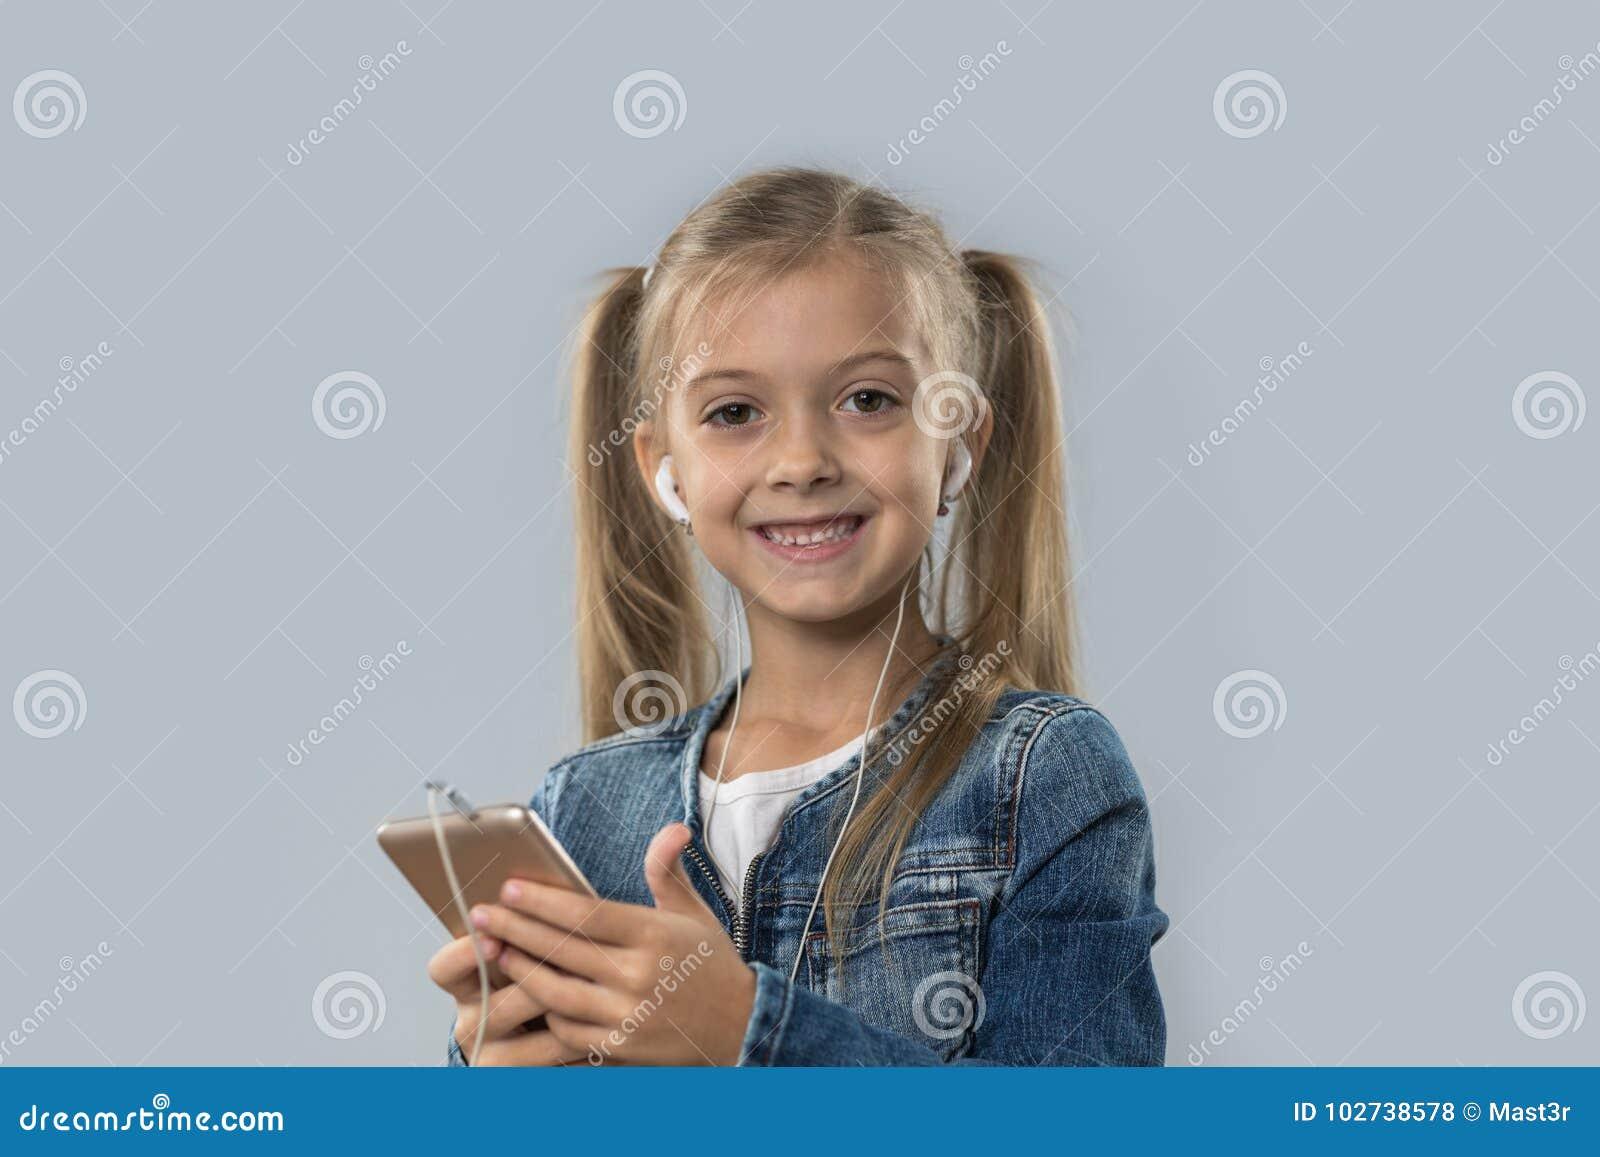 Das schöne kleine Mädchen, das Zellintelligentes Telefon verwendet, hören das Musik-Abnutzungs-Kopfhörer-glückliche Lächeln lokal